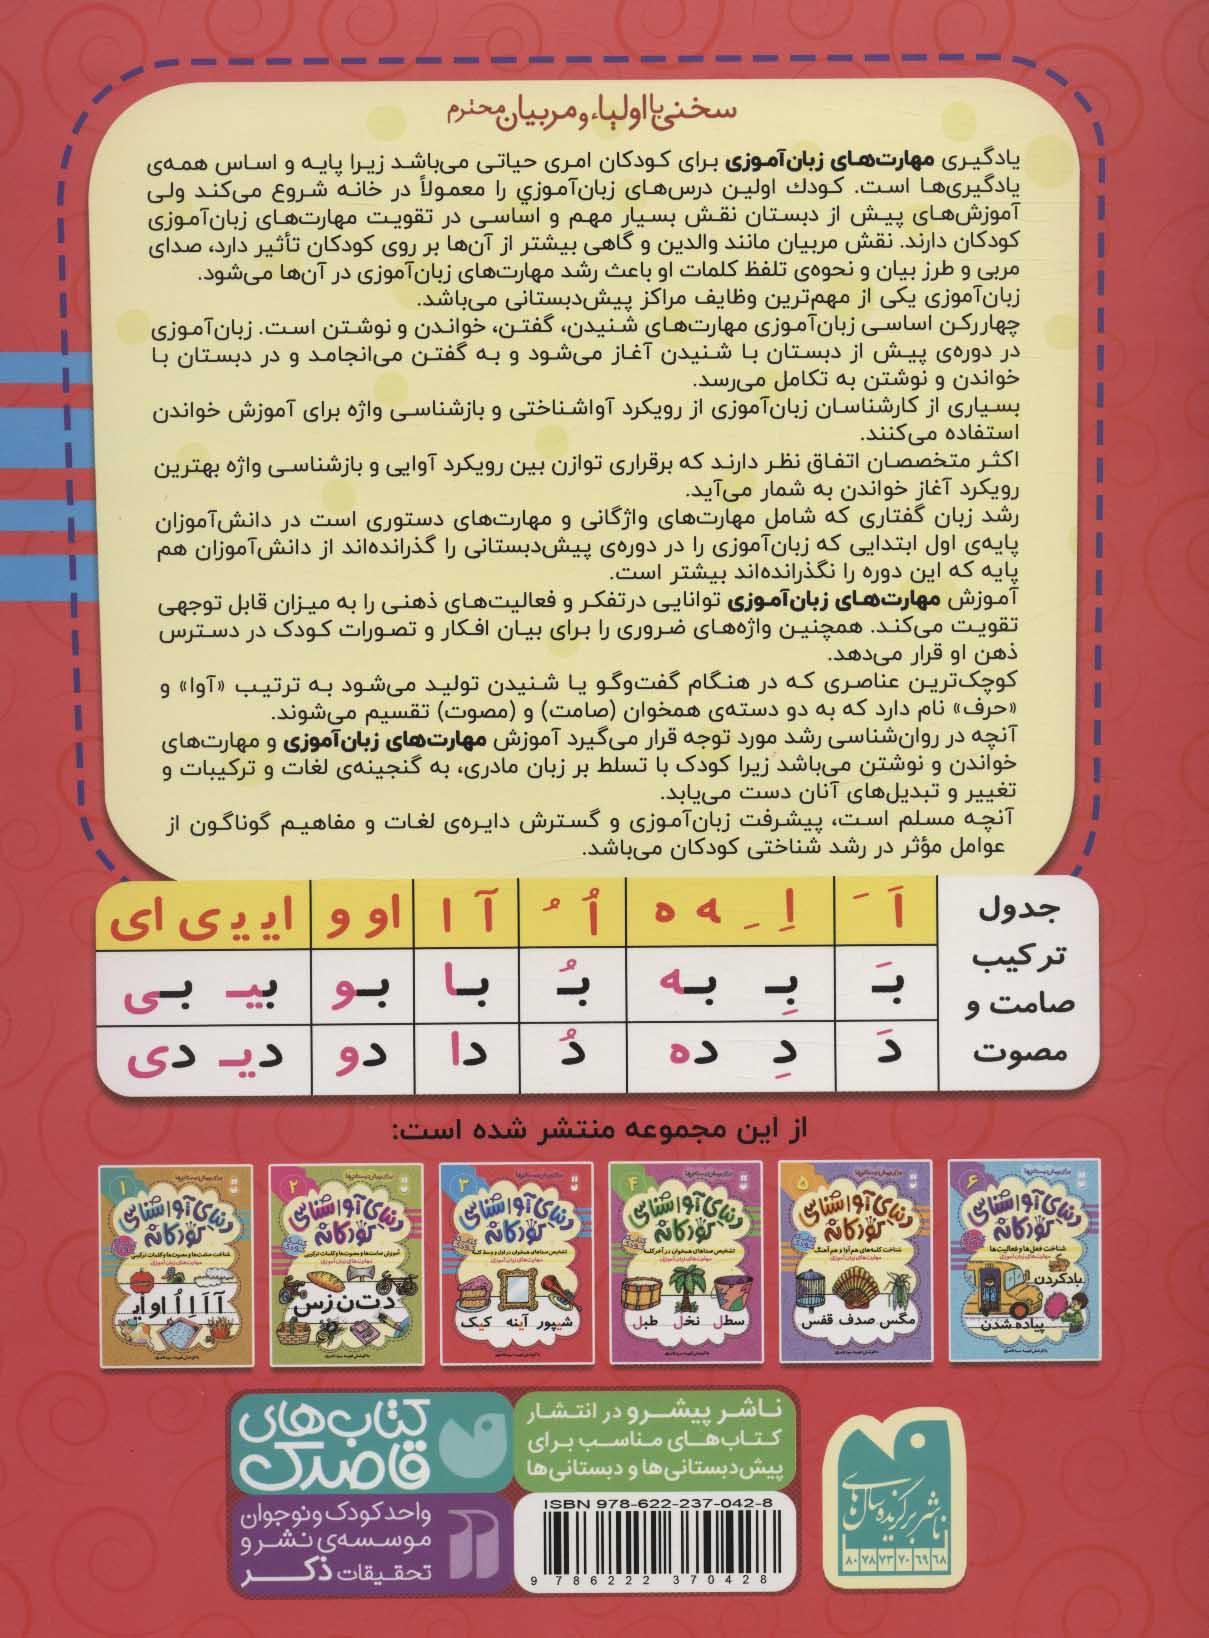 دنیای آواشناسی کودکانه 3 (تشخیص صداهای همخوان در اول و وسط کلمه،مهارت های زبان آموزی)